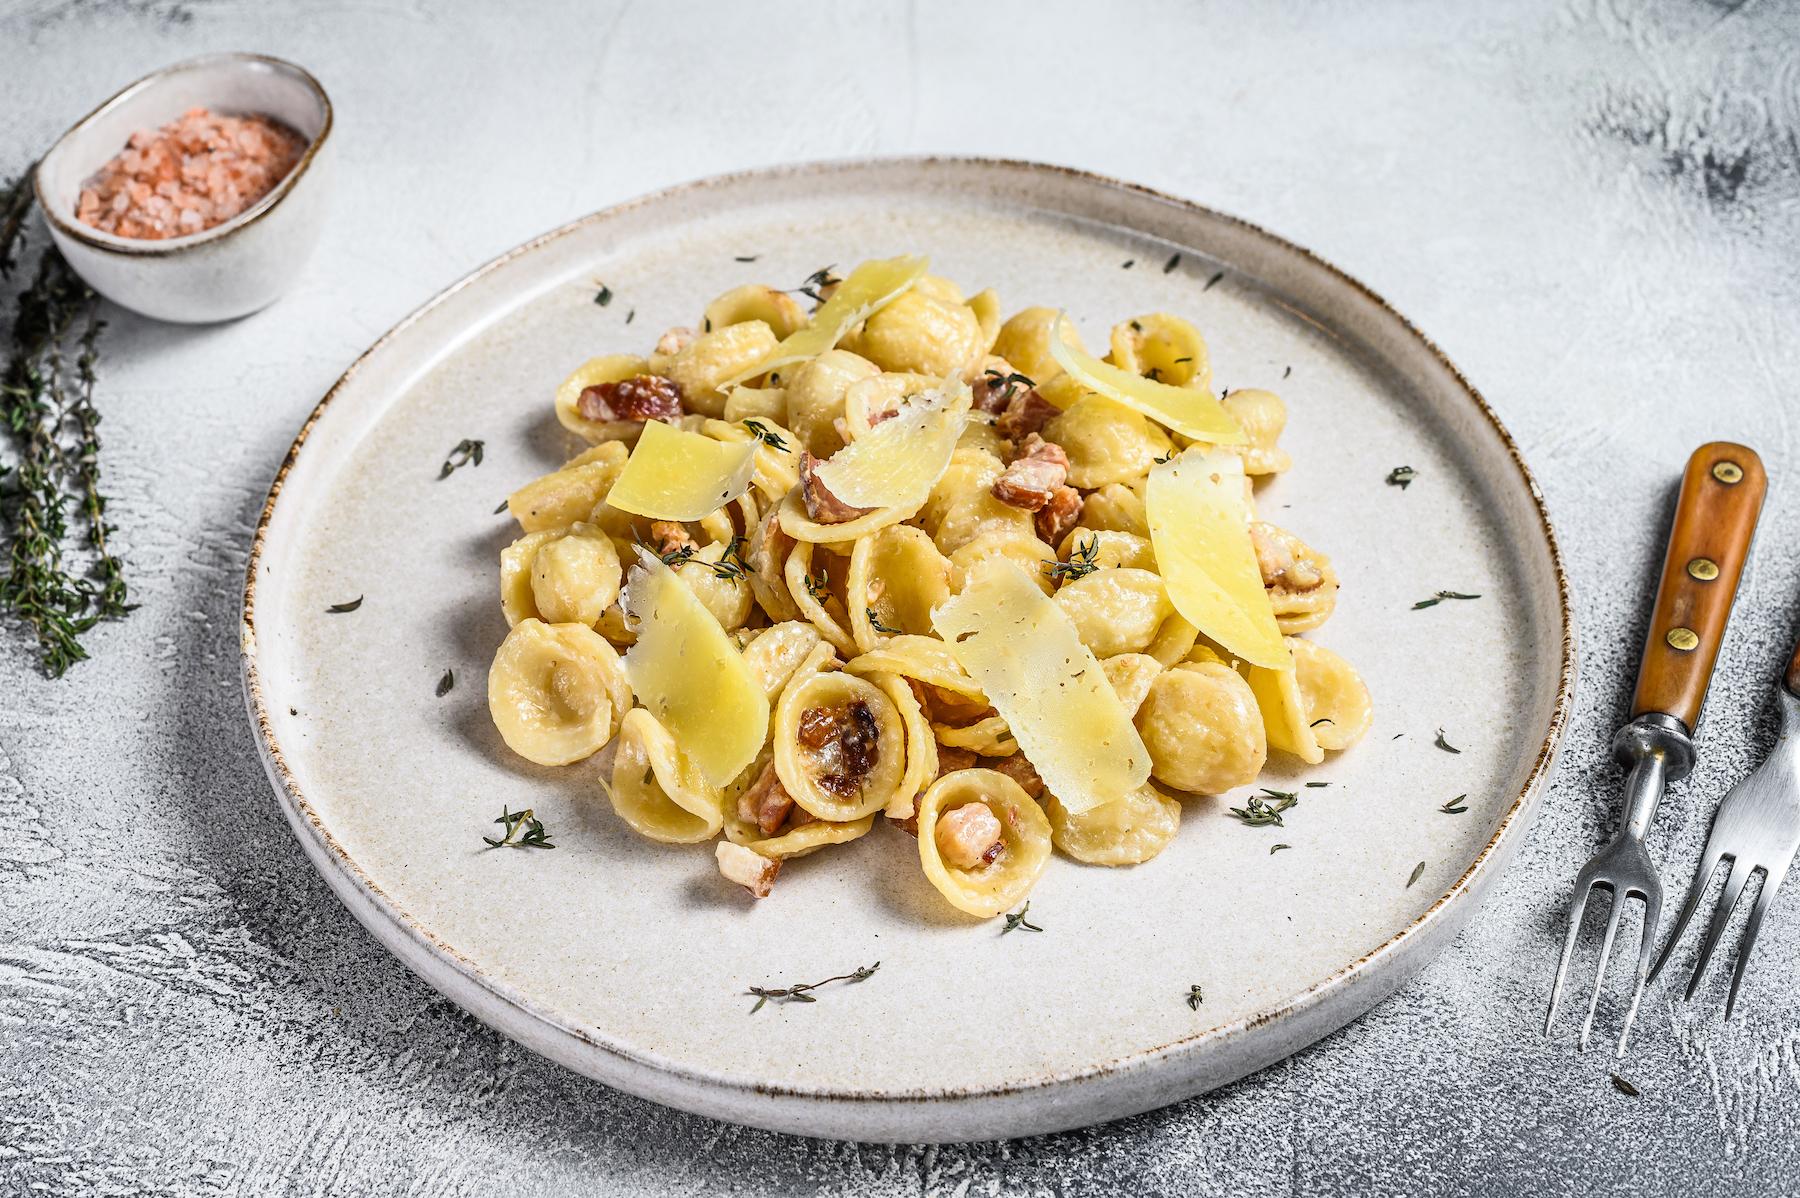 Orecchiette, carbonara, pasta, dish, food, italian, plate, noodle, noodles, shutterstock